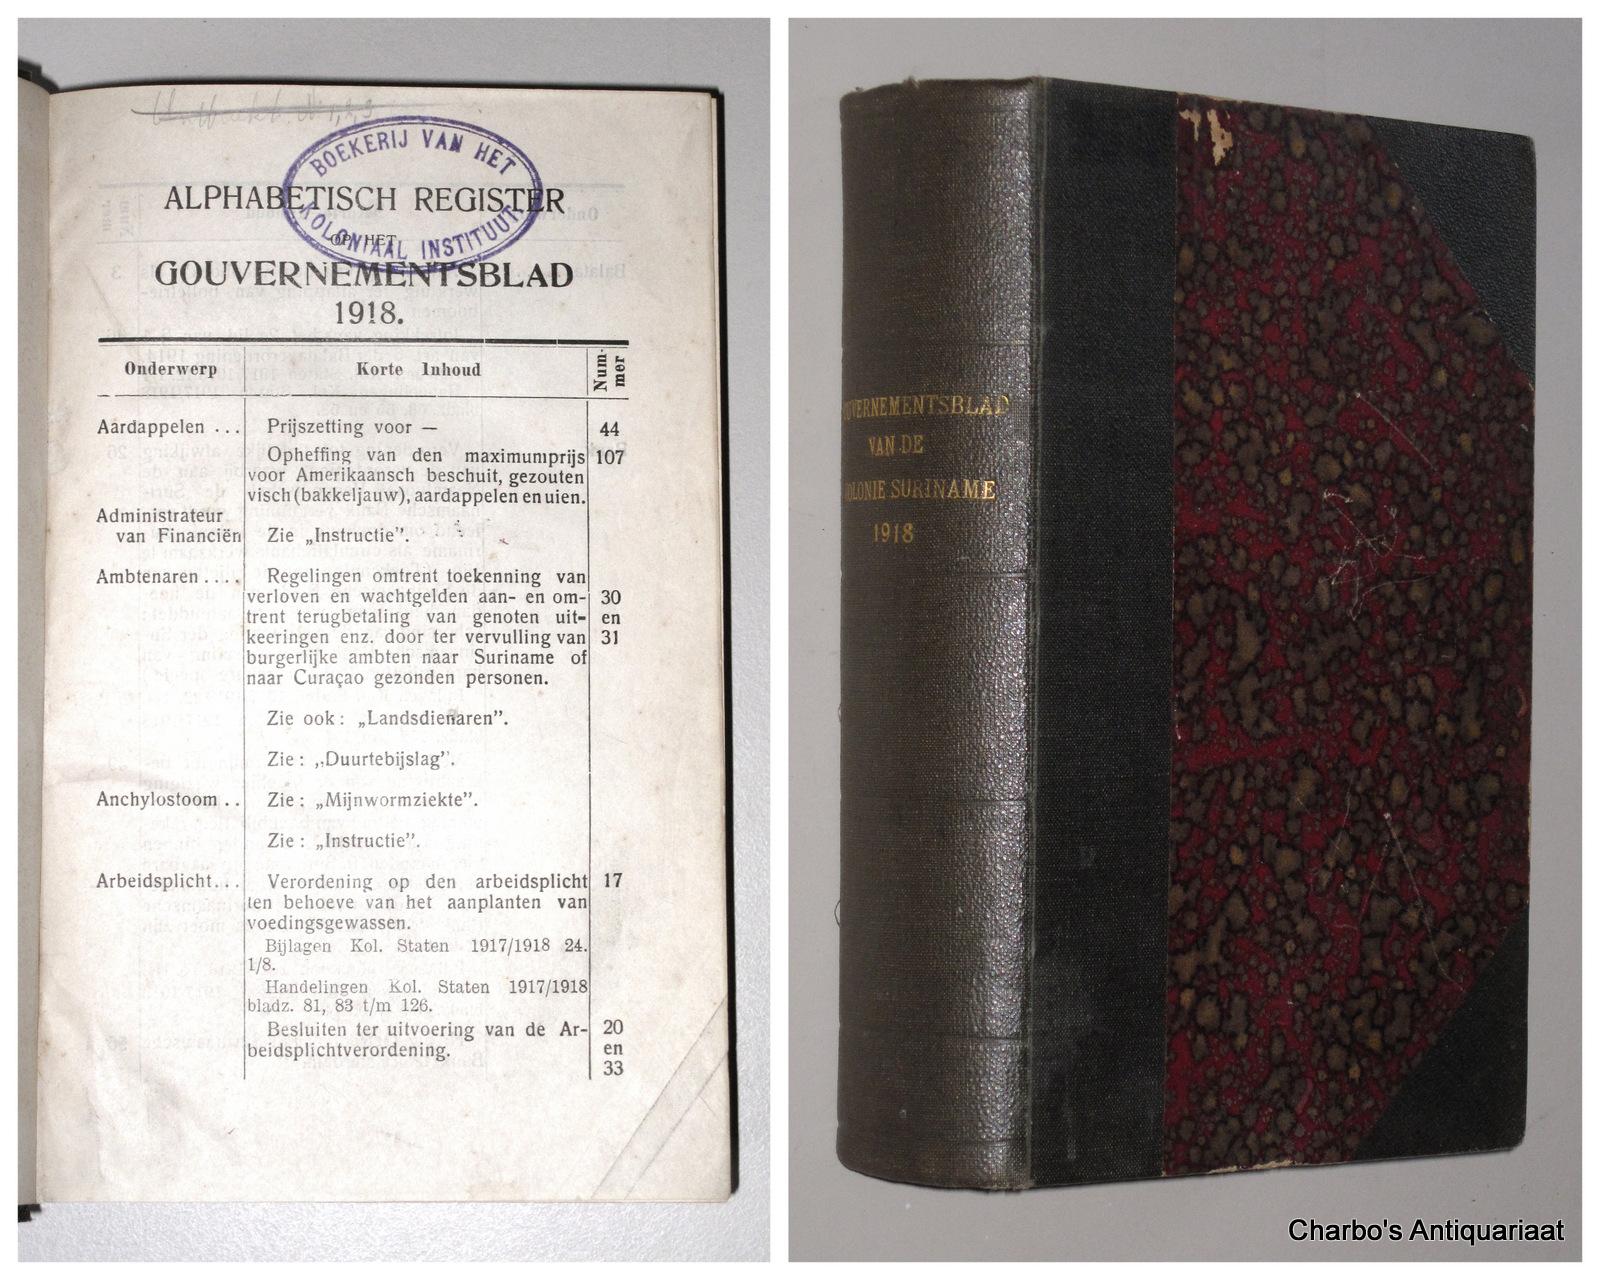 SURINAME. -  Gouvernementsblad van de Kolonie Suriname 1918.